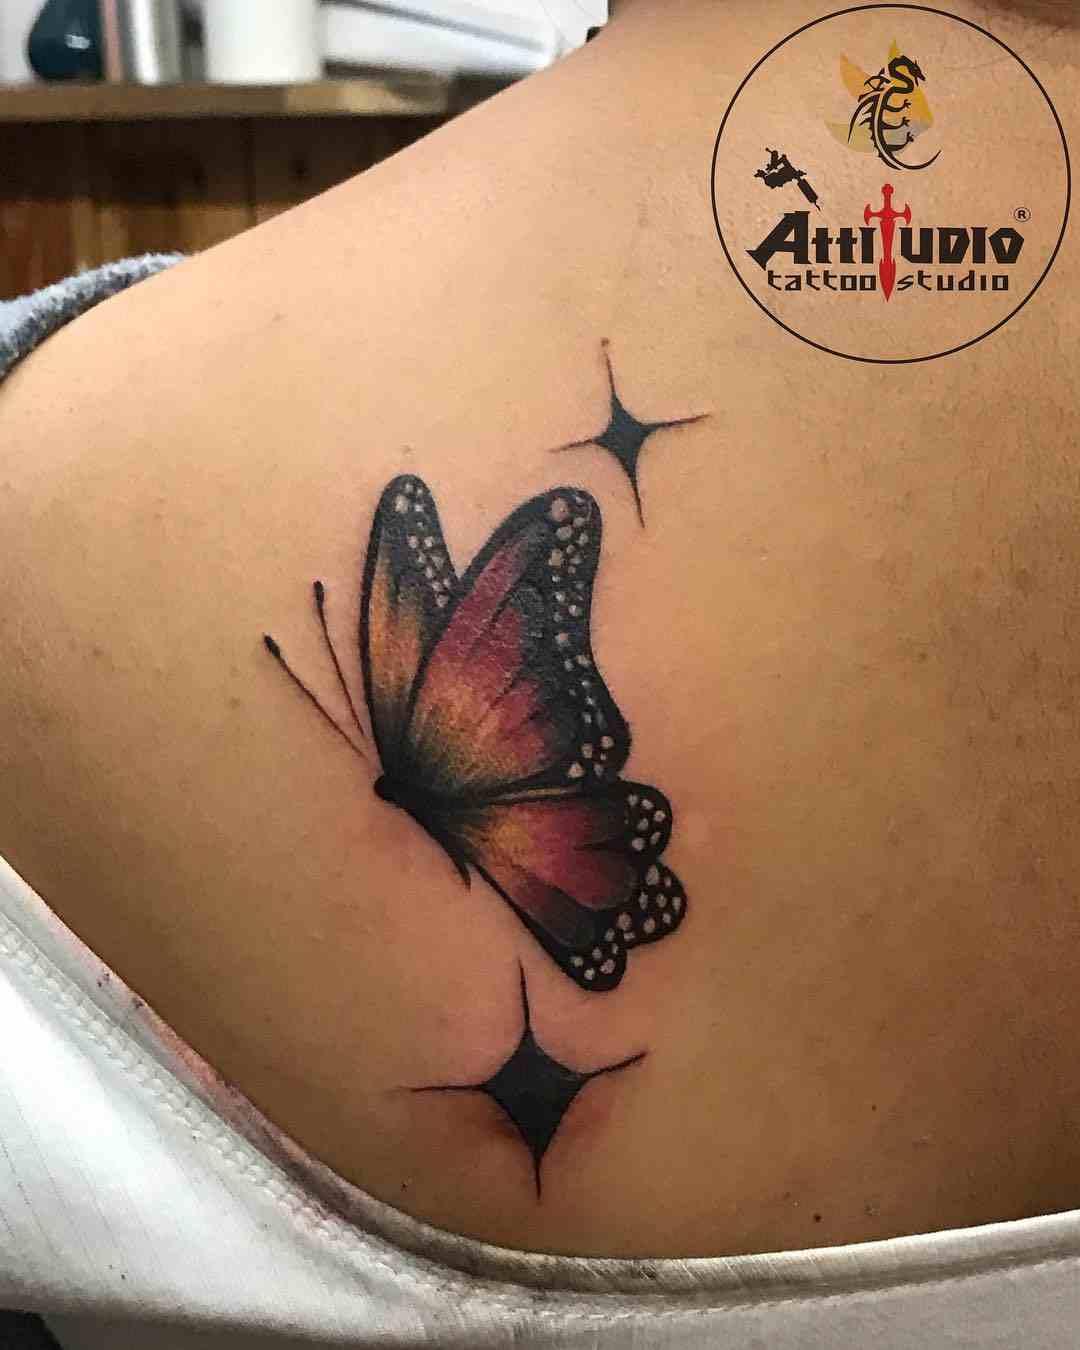 attitudio-tattoo-delhi-back-color-butterfly